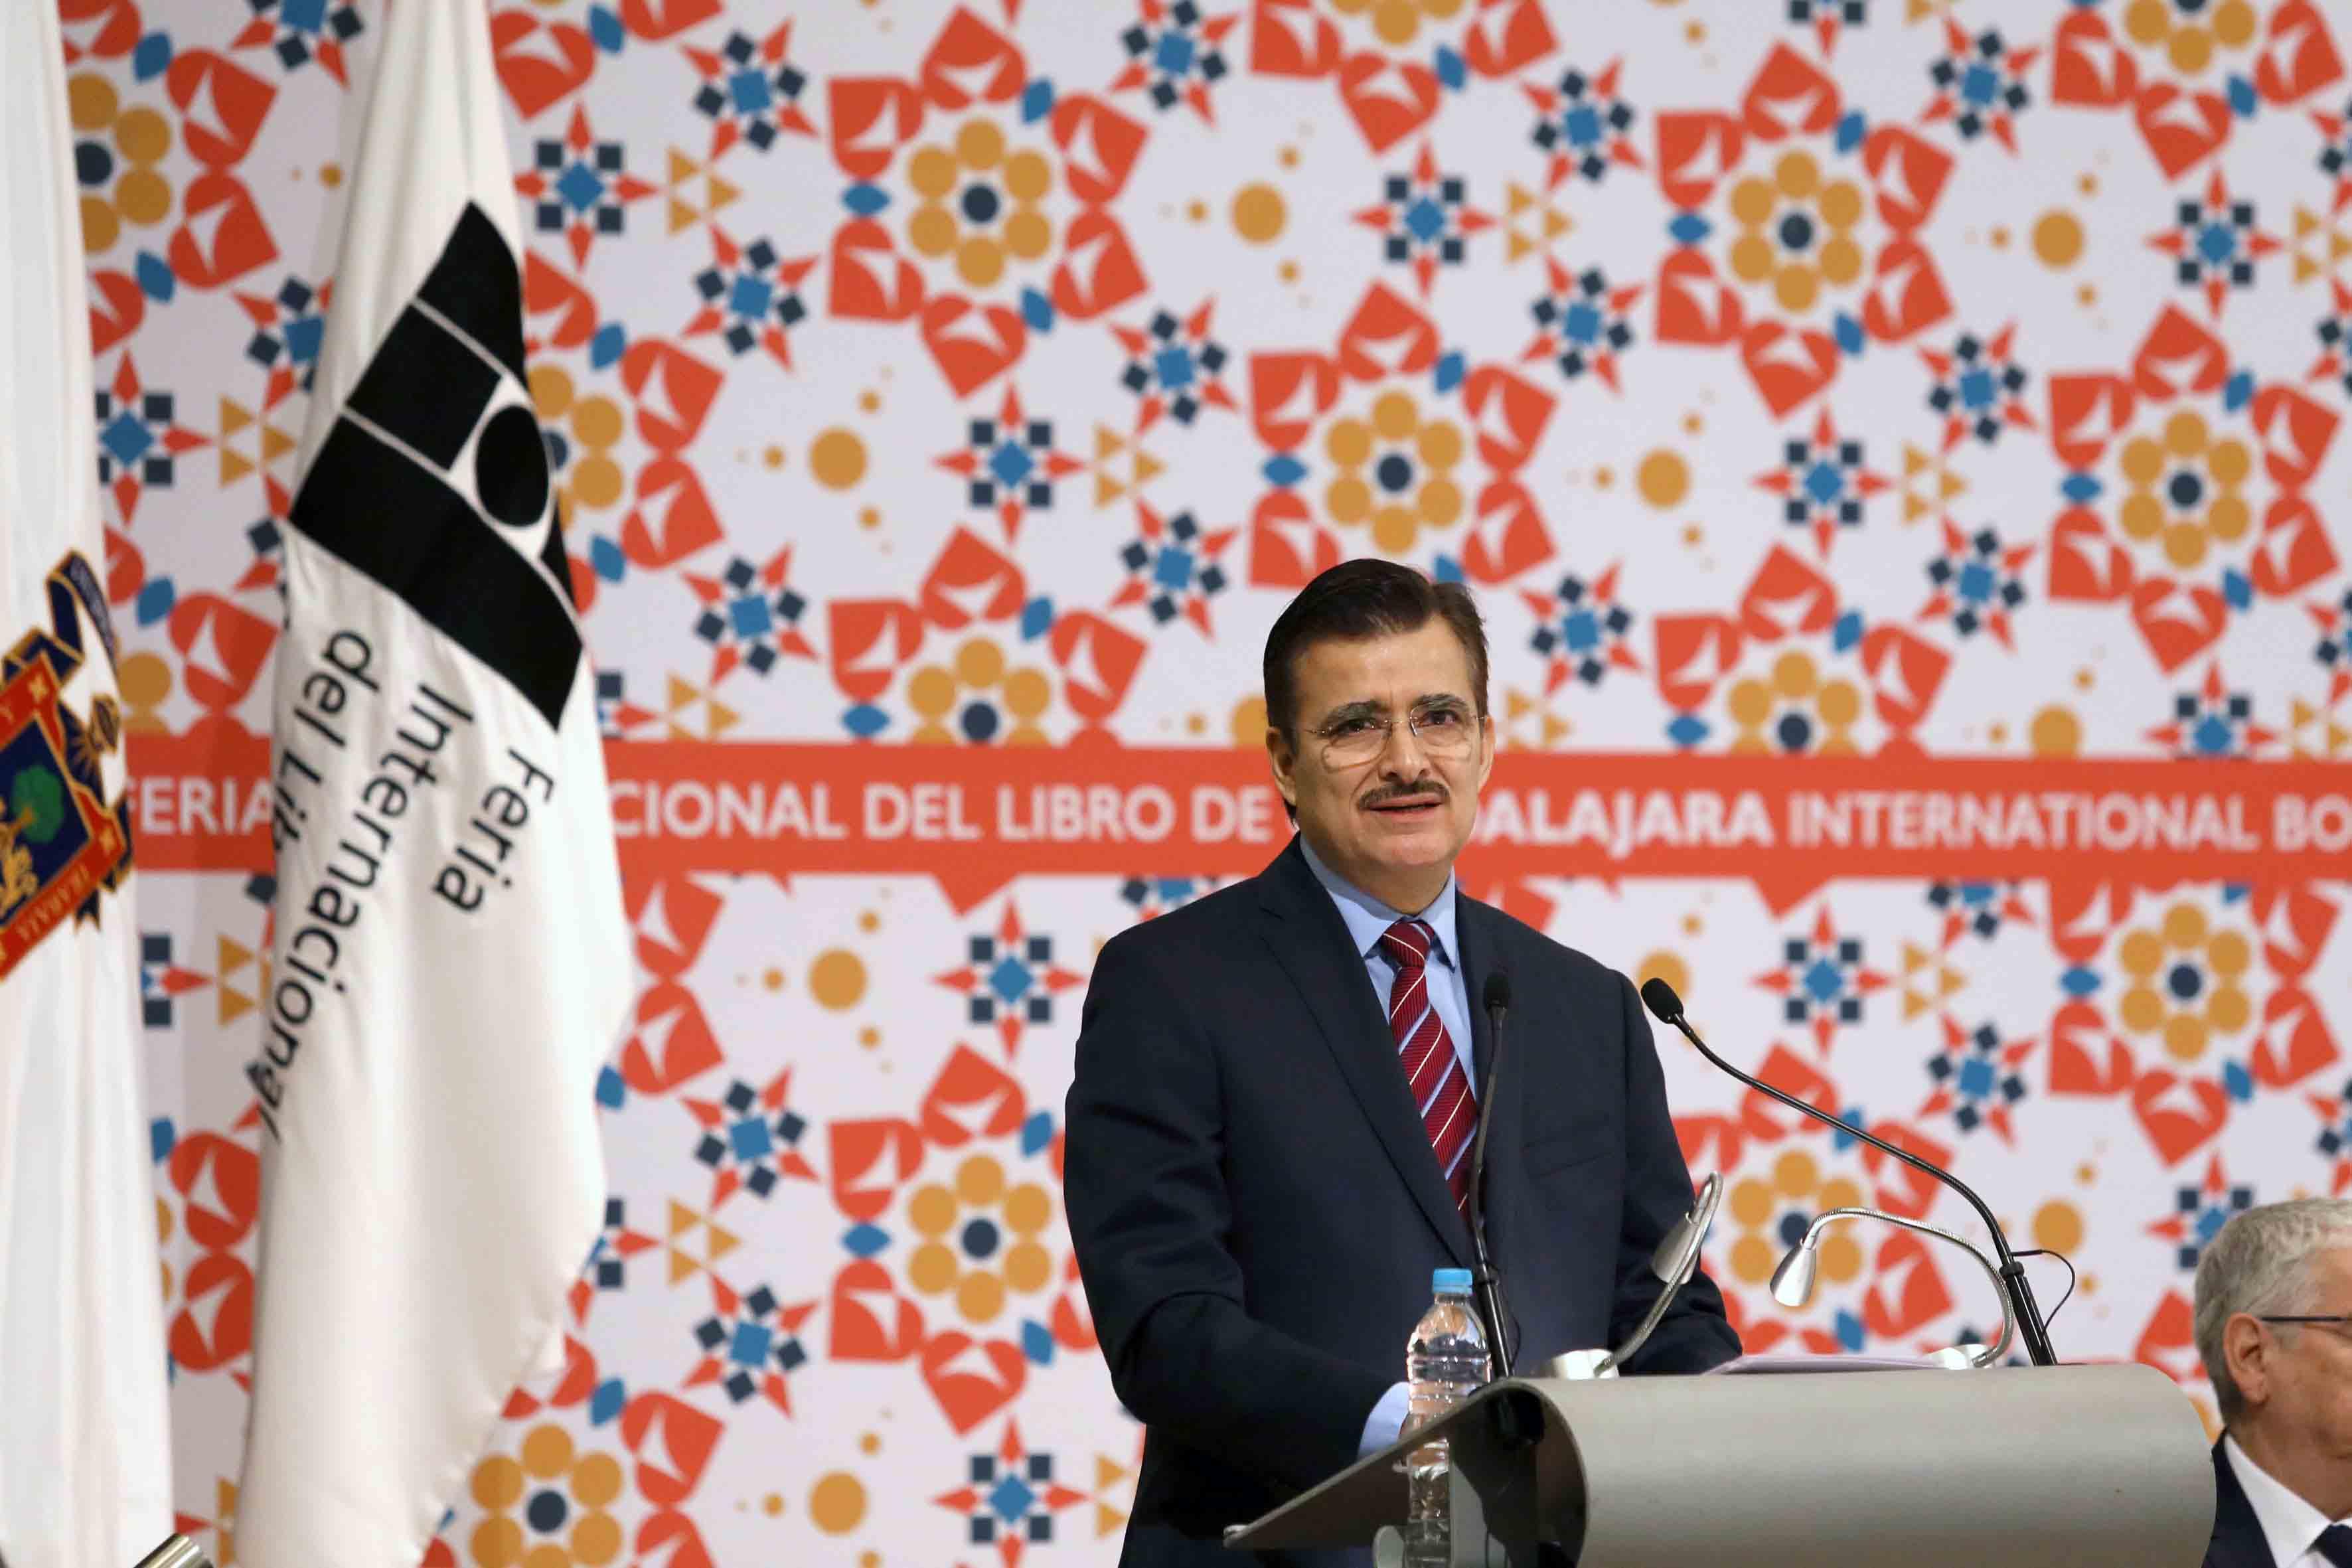 Rector General de la Universidad de Guadalajara (UdeG), maestro Itzcóatl Tonatiuh Bravo Padilla,  en podium haciendo uso de la palabra durante ceremonia de inaguración de la FIL.